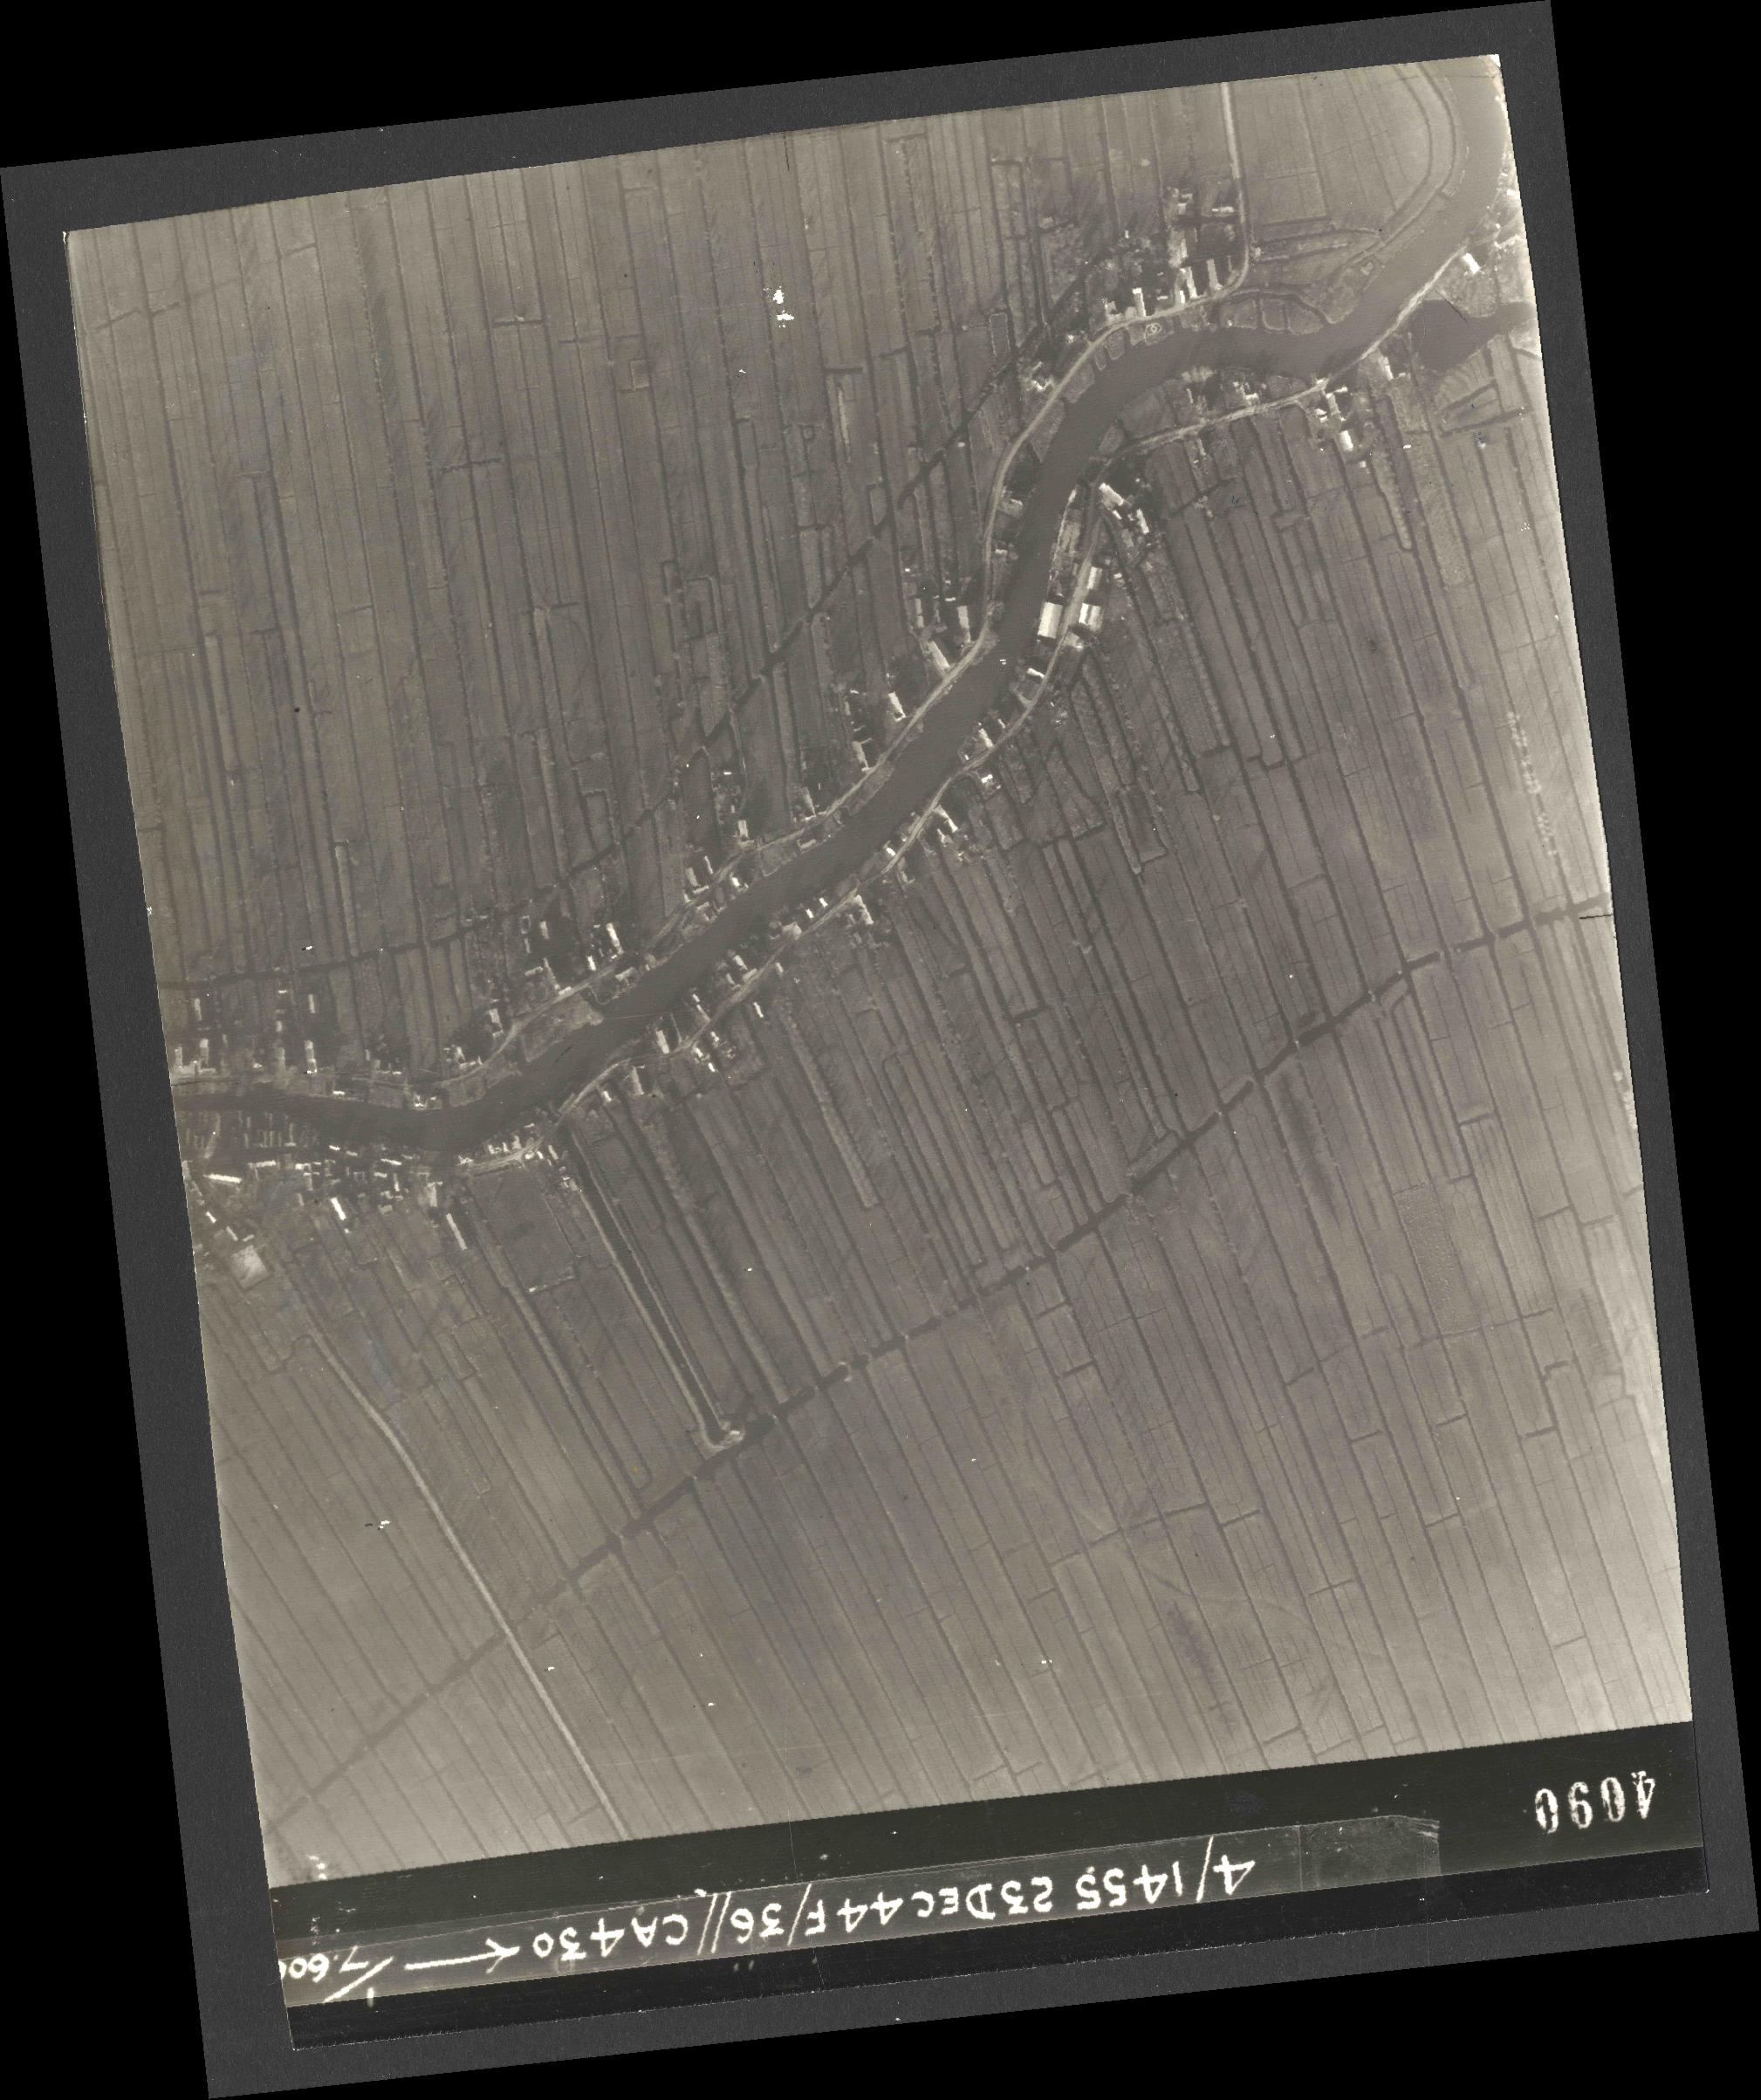 Collection RAF aerial photos 1940-1945 - flight 051, run 06, photo 4090